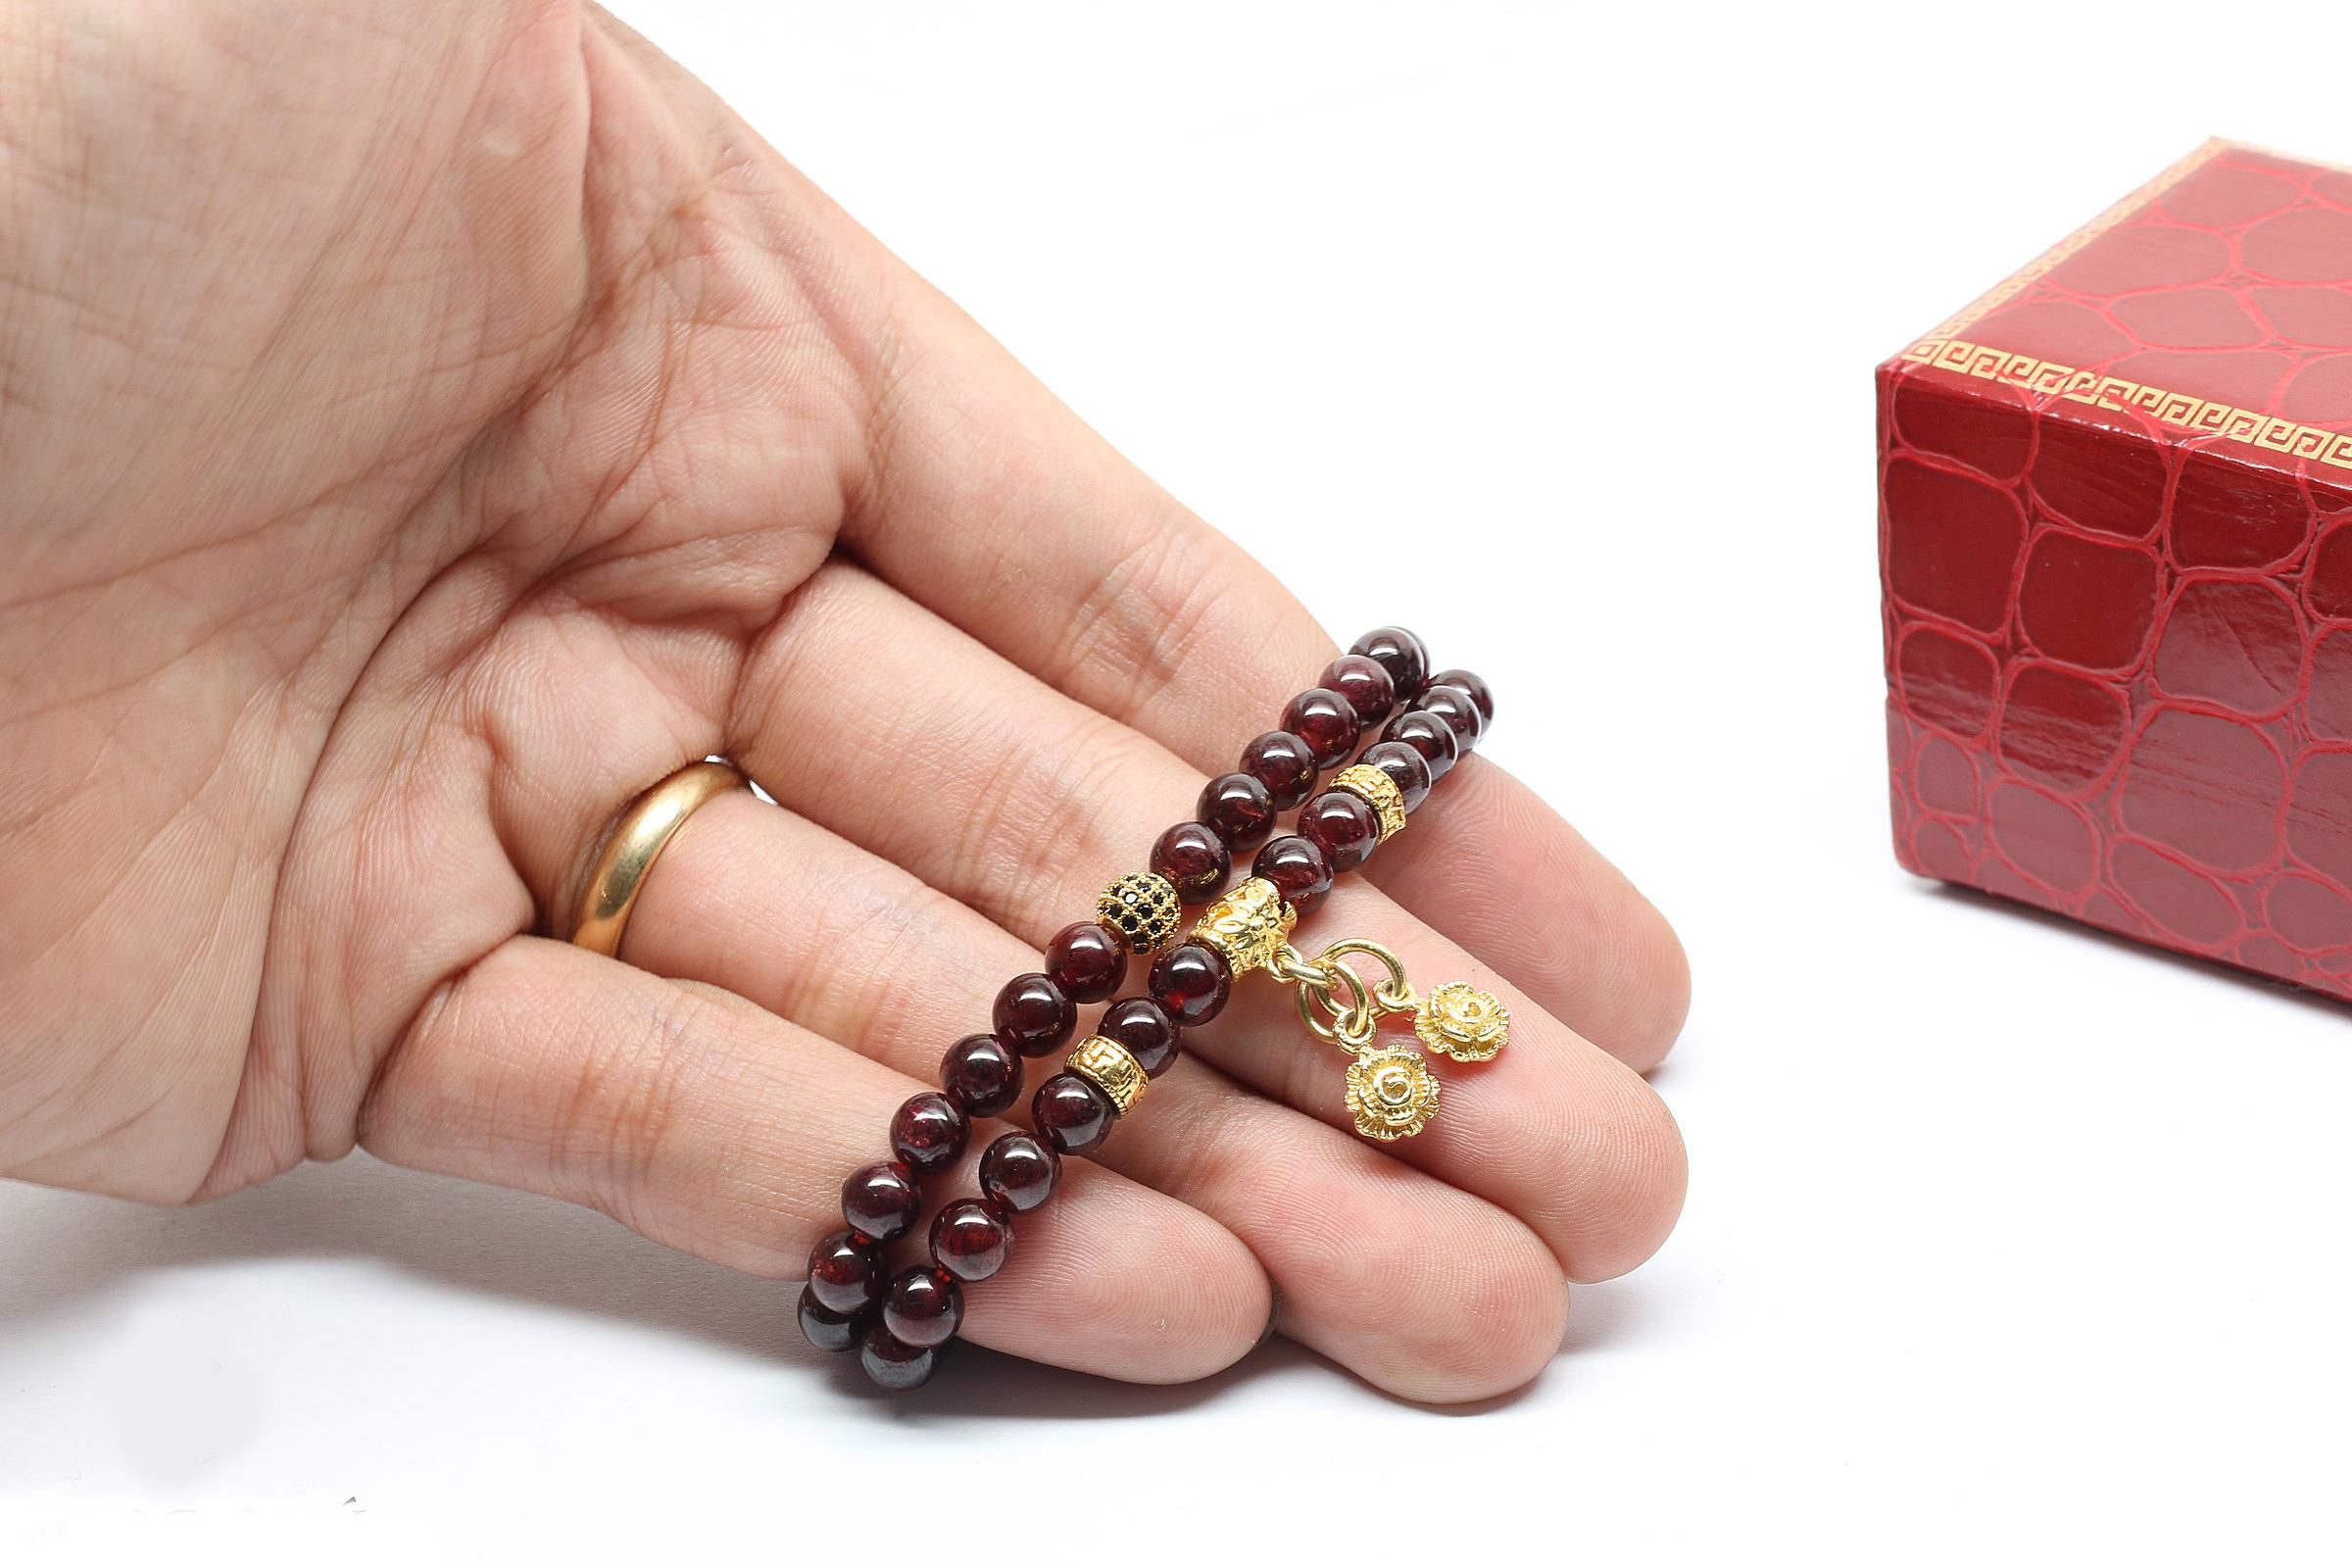 Cặp vòng garnet (ngọc hồng lựu) 6 mm mix charm Ngọc Quý Gemstones 990.000đ 490.000đ được chạm khắc bằng tay